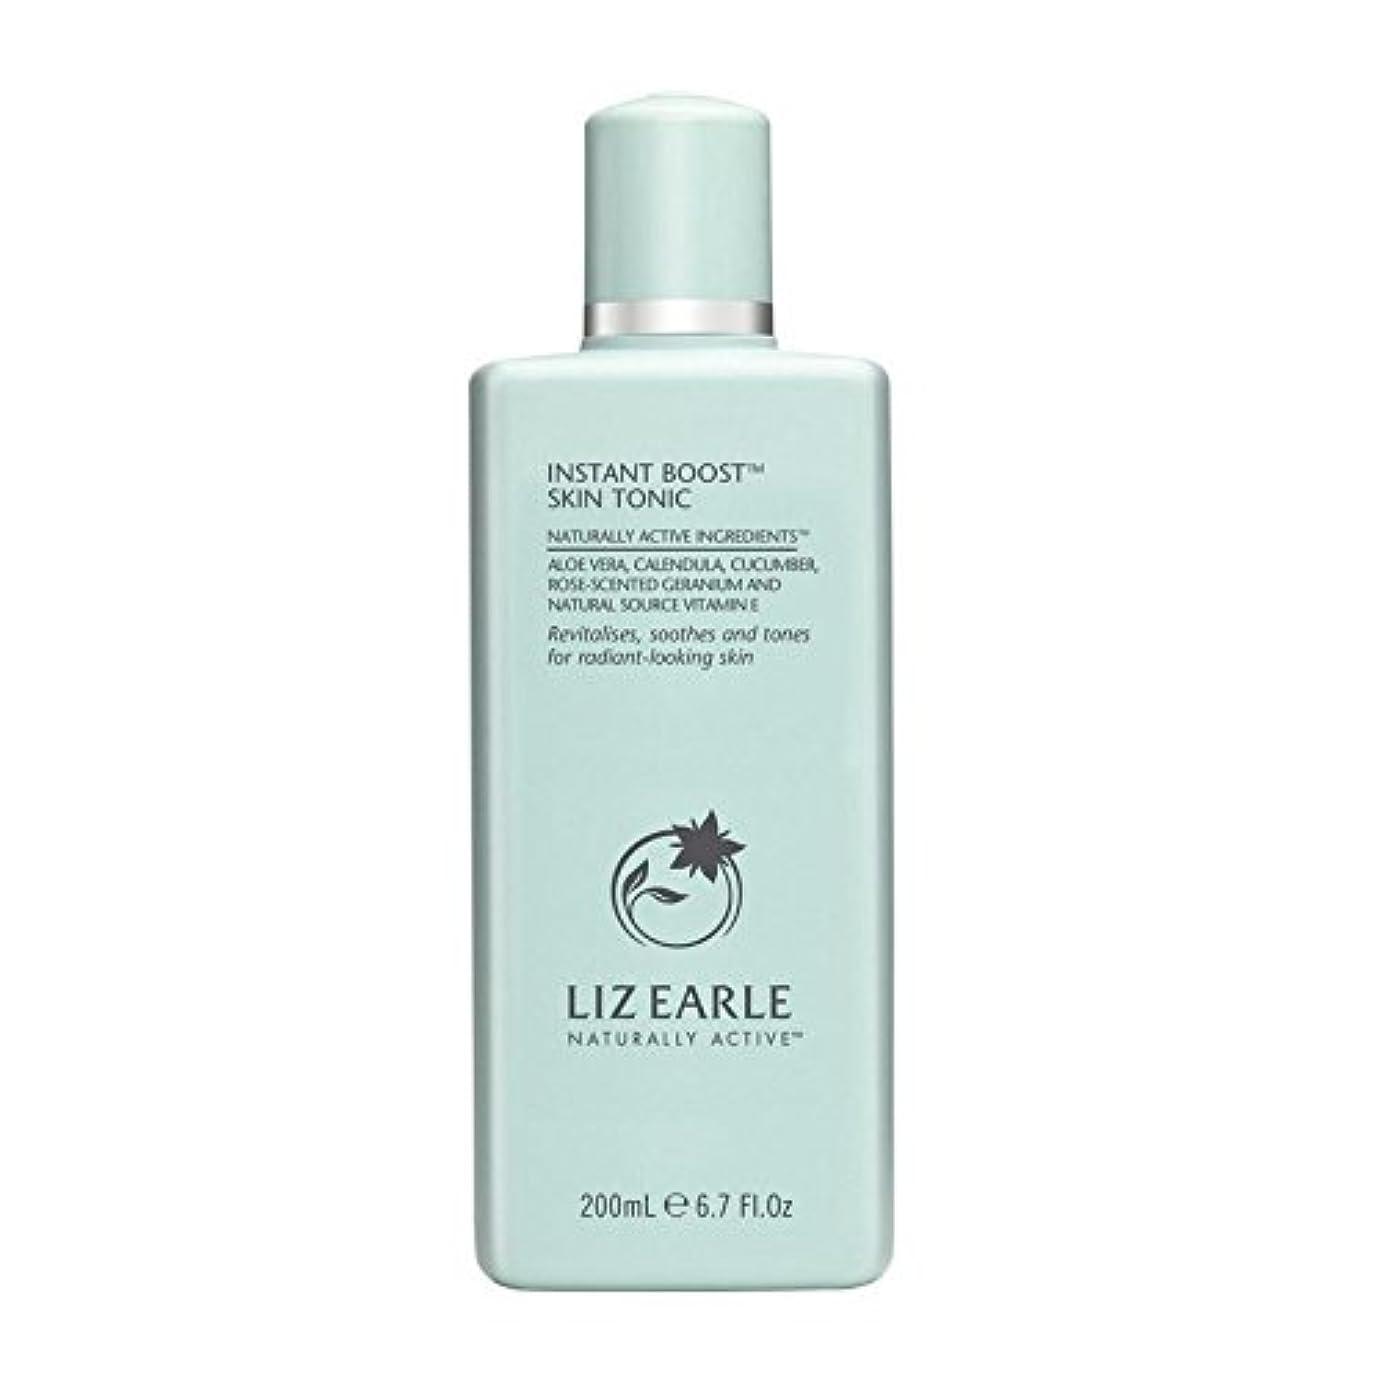 悪質なヒュームできればLiz Earle Instant Boost Skin Tonic Bottle 200ml (Pack of 6) - リズアールインスタントブーストスキントニックボトル200ミリリットル x6 [並行輸入品]